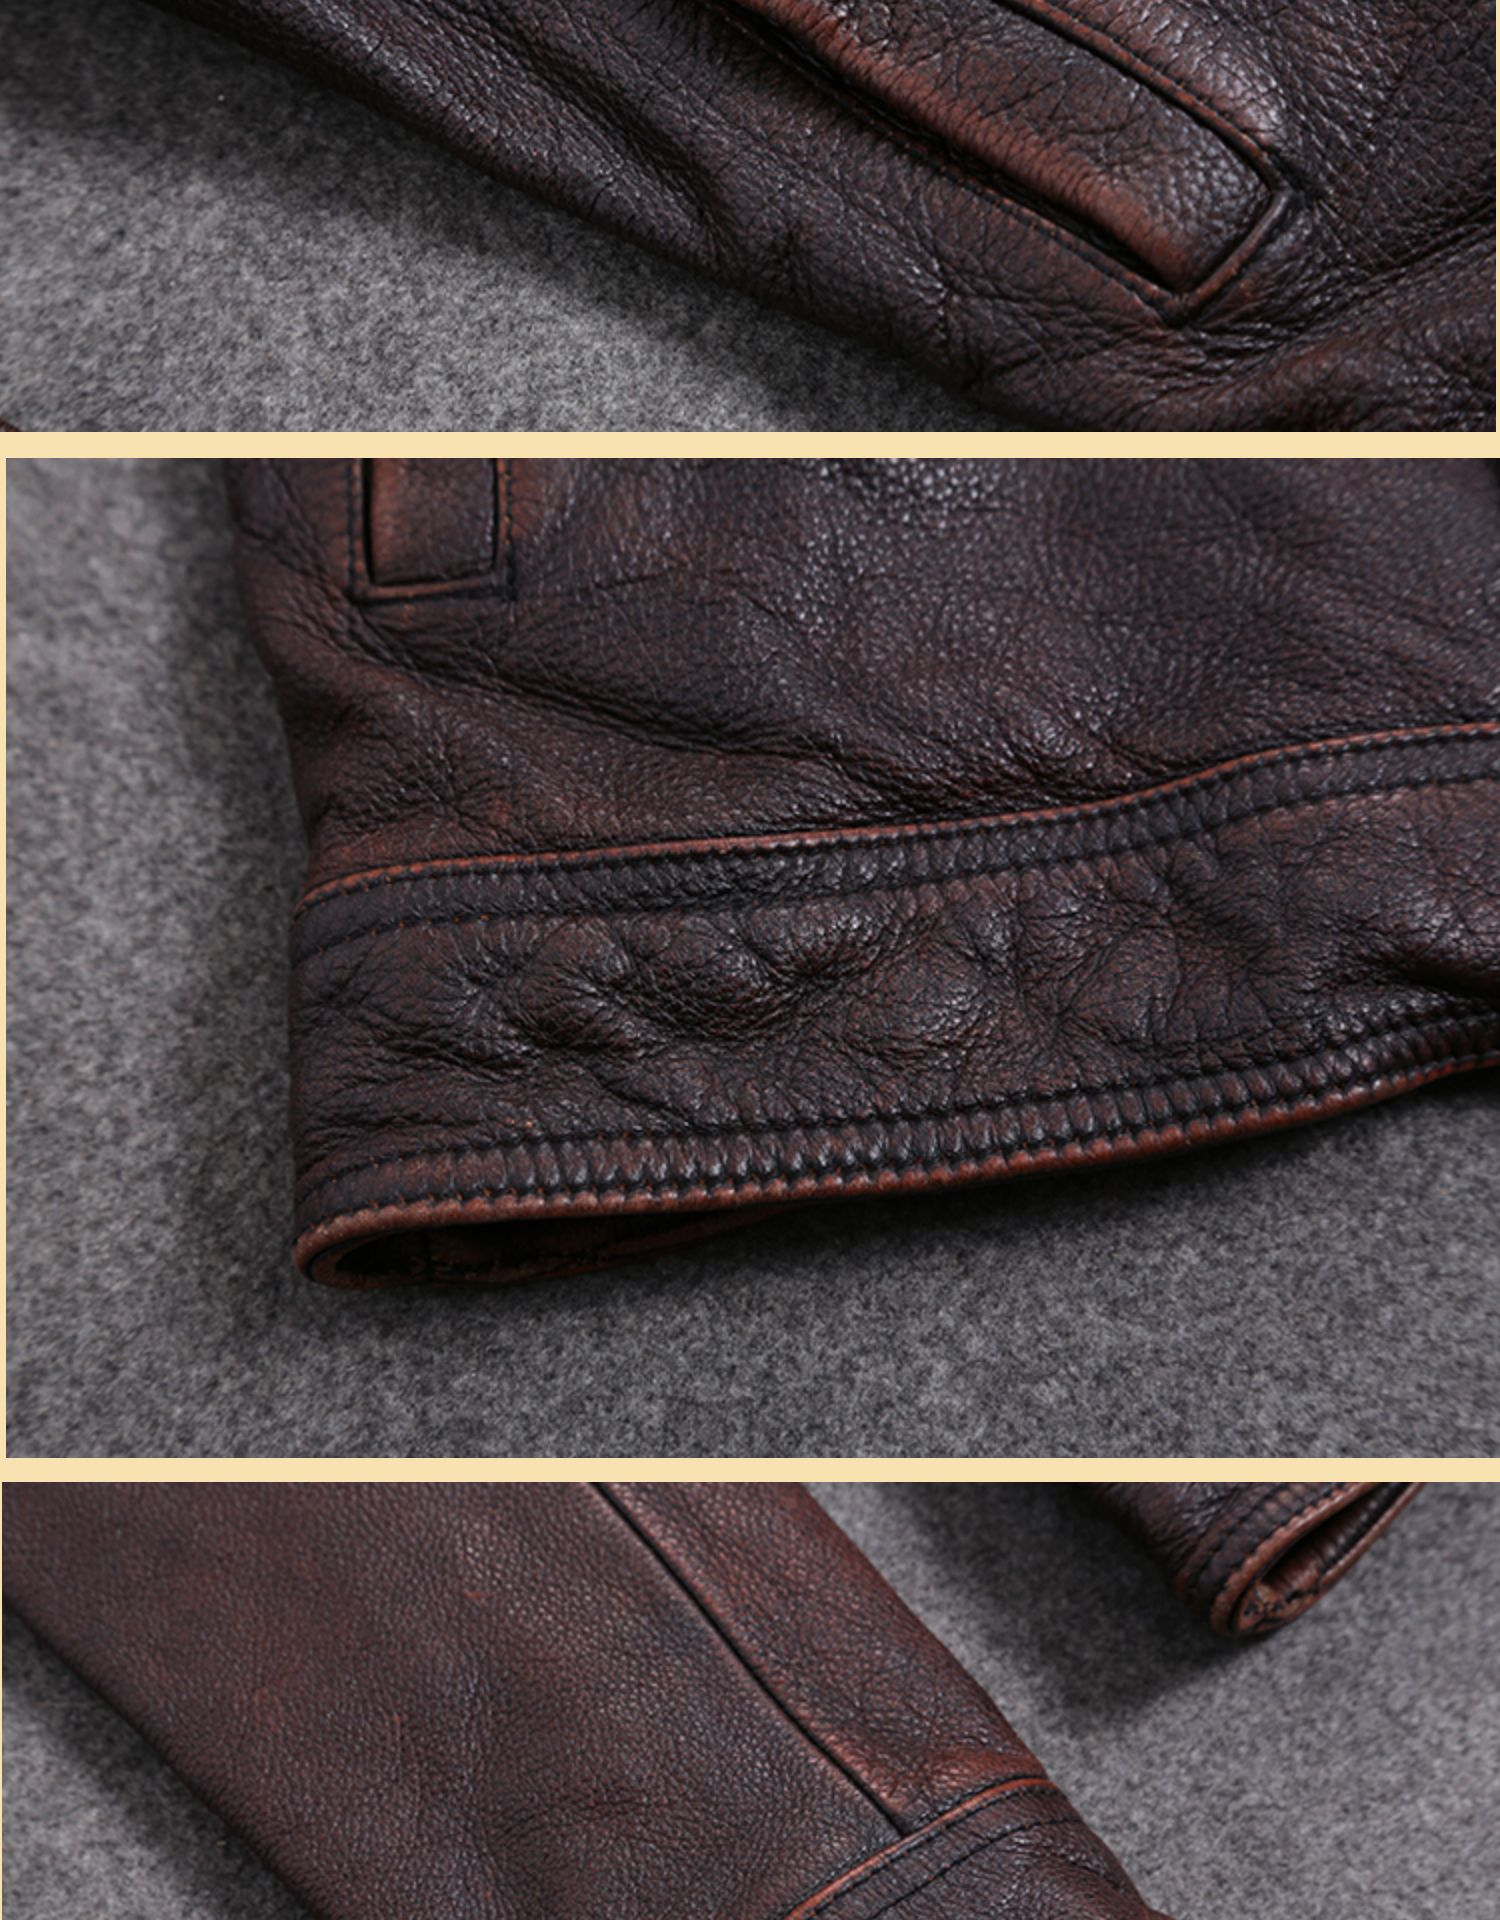 H60c296fe45e64c728e44e9603b822807l AYUNSUE Vintage Genuine Cow Leather Jacket Men Plus Size Cowhide Leather Coat Slim Short Jacket Veste Cuir Homme L-Z-14 YY1366